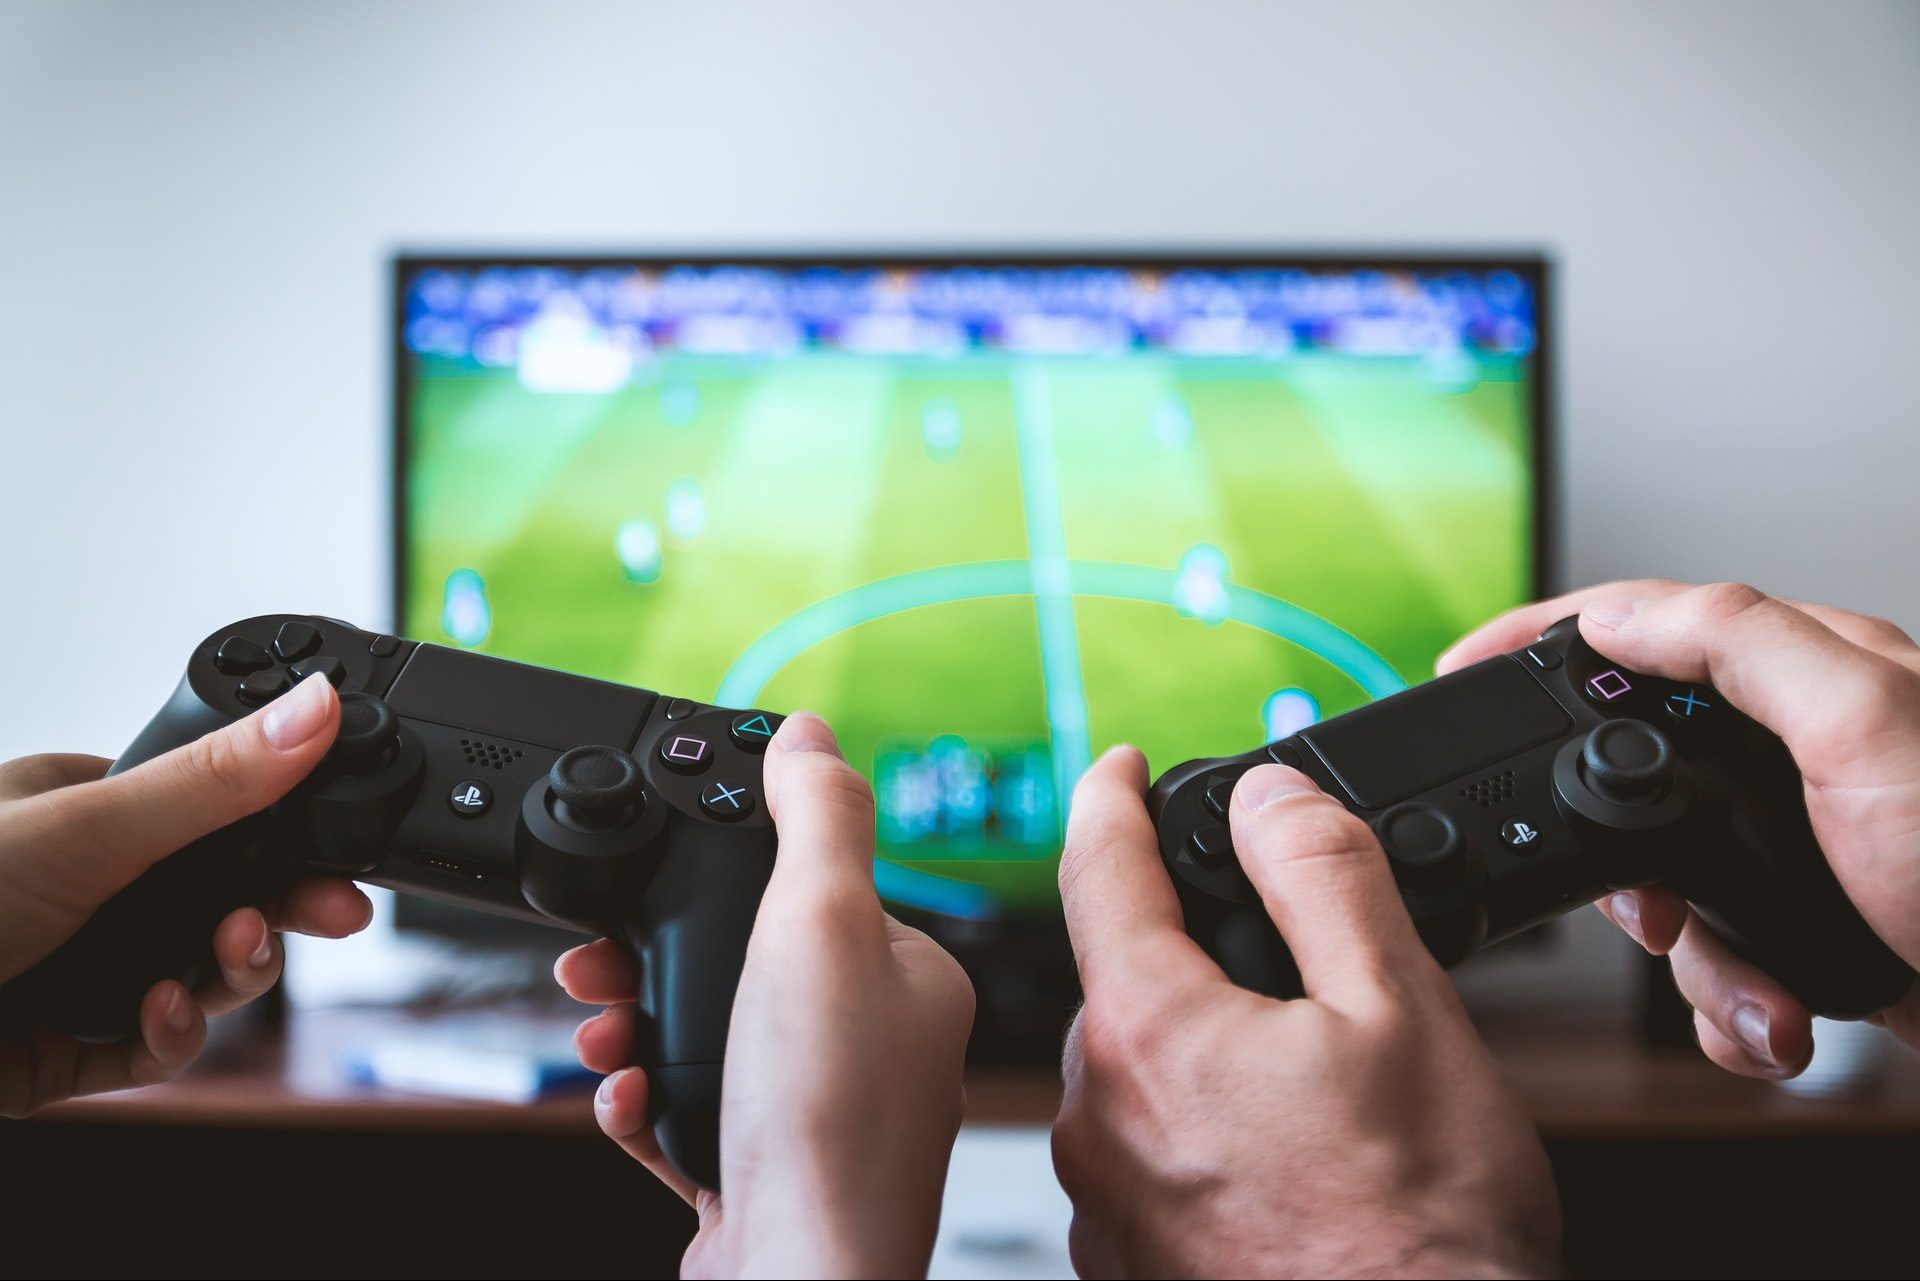 近年話題のeスポーツとは?携われる業種やゲームの種類についても解説